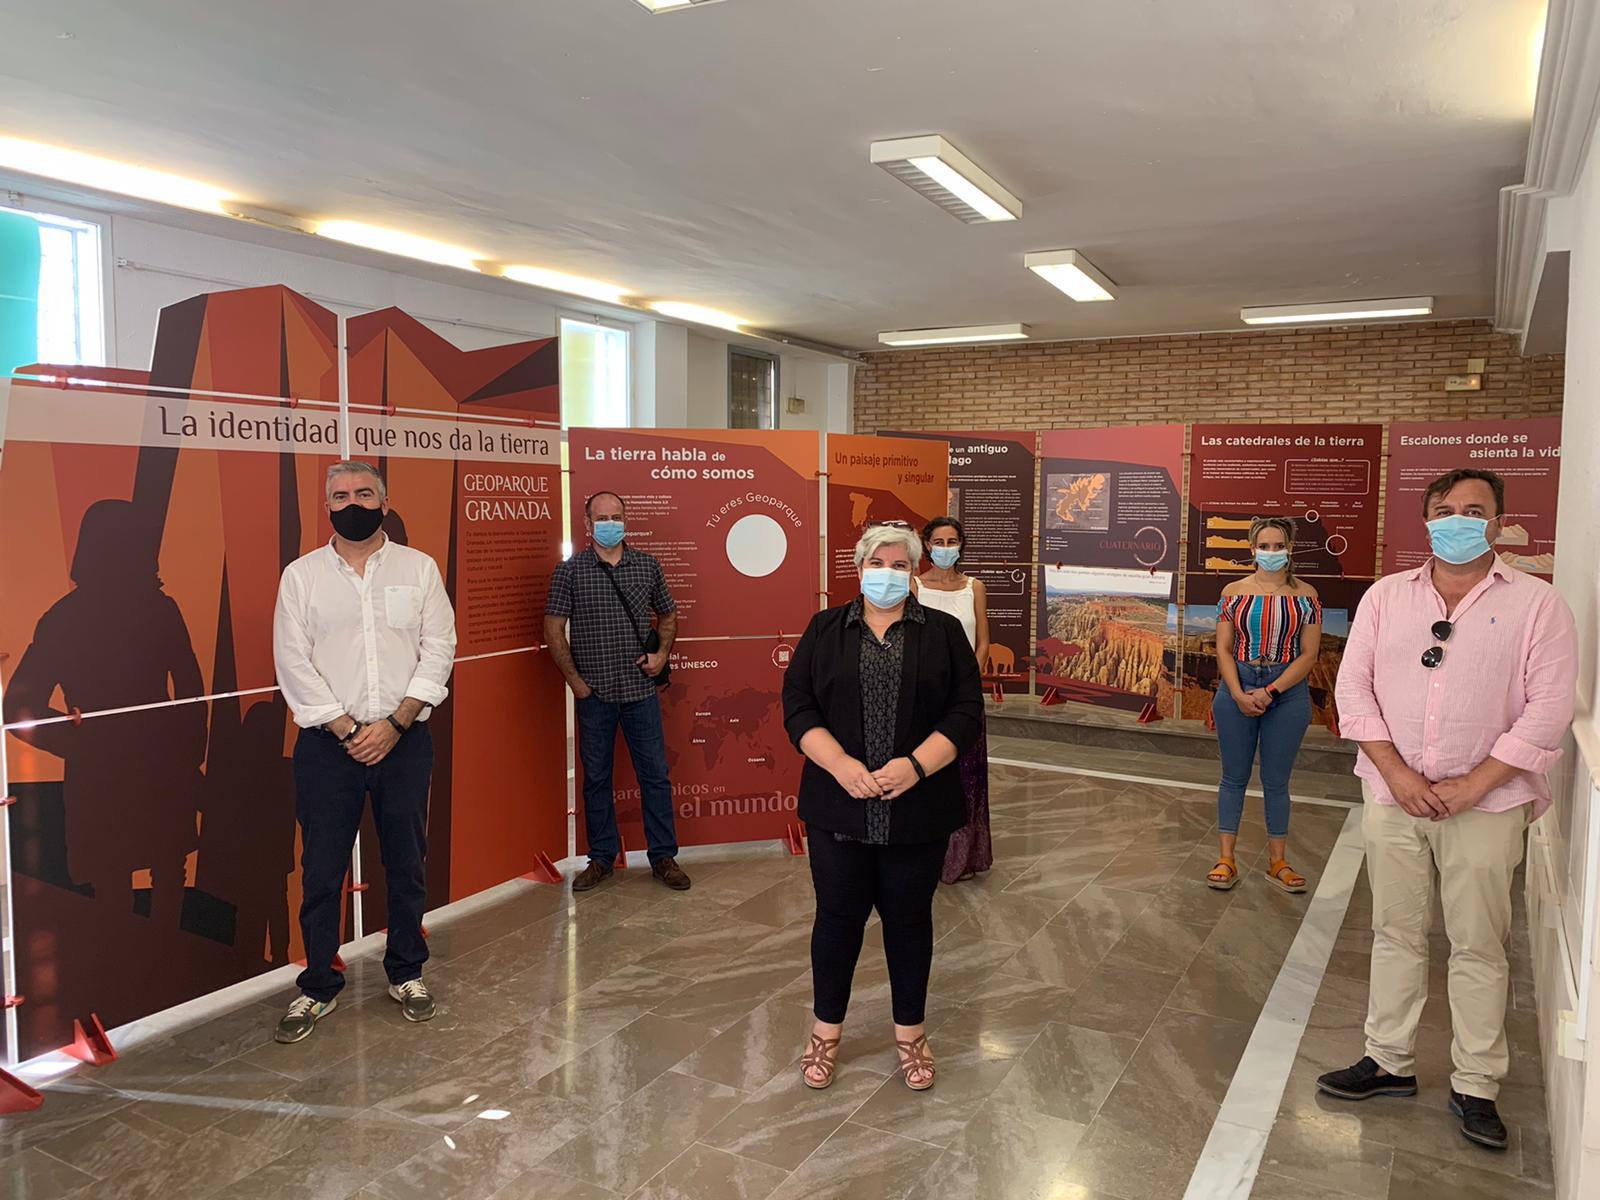 Una exposición itinerante sobre el valor del territorio recorrerá los 47 municipios del Geoparque de Granada